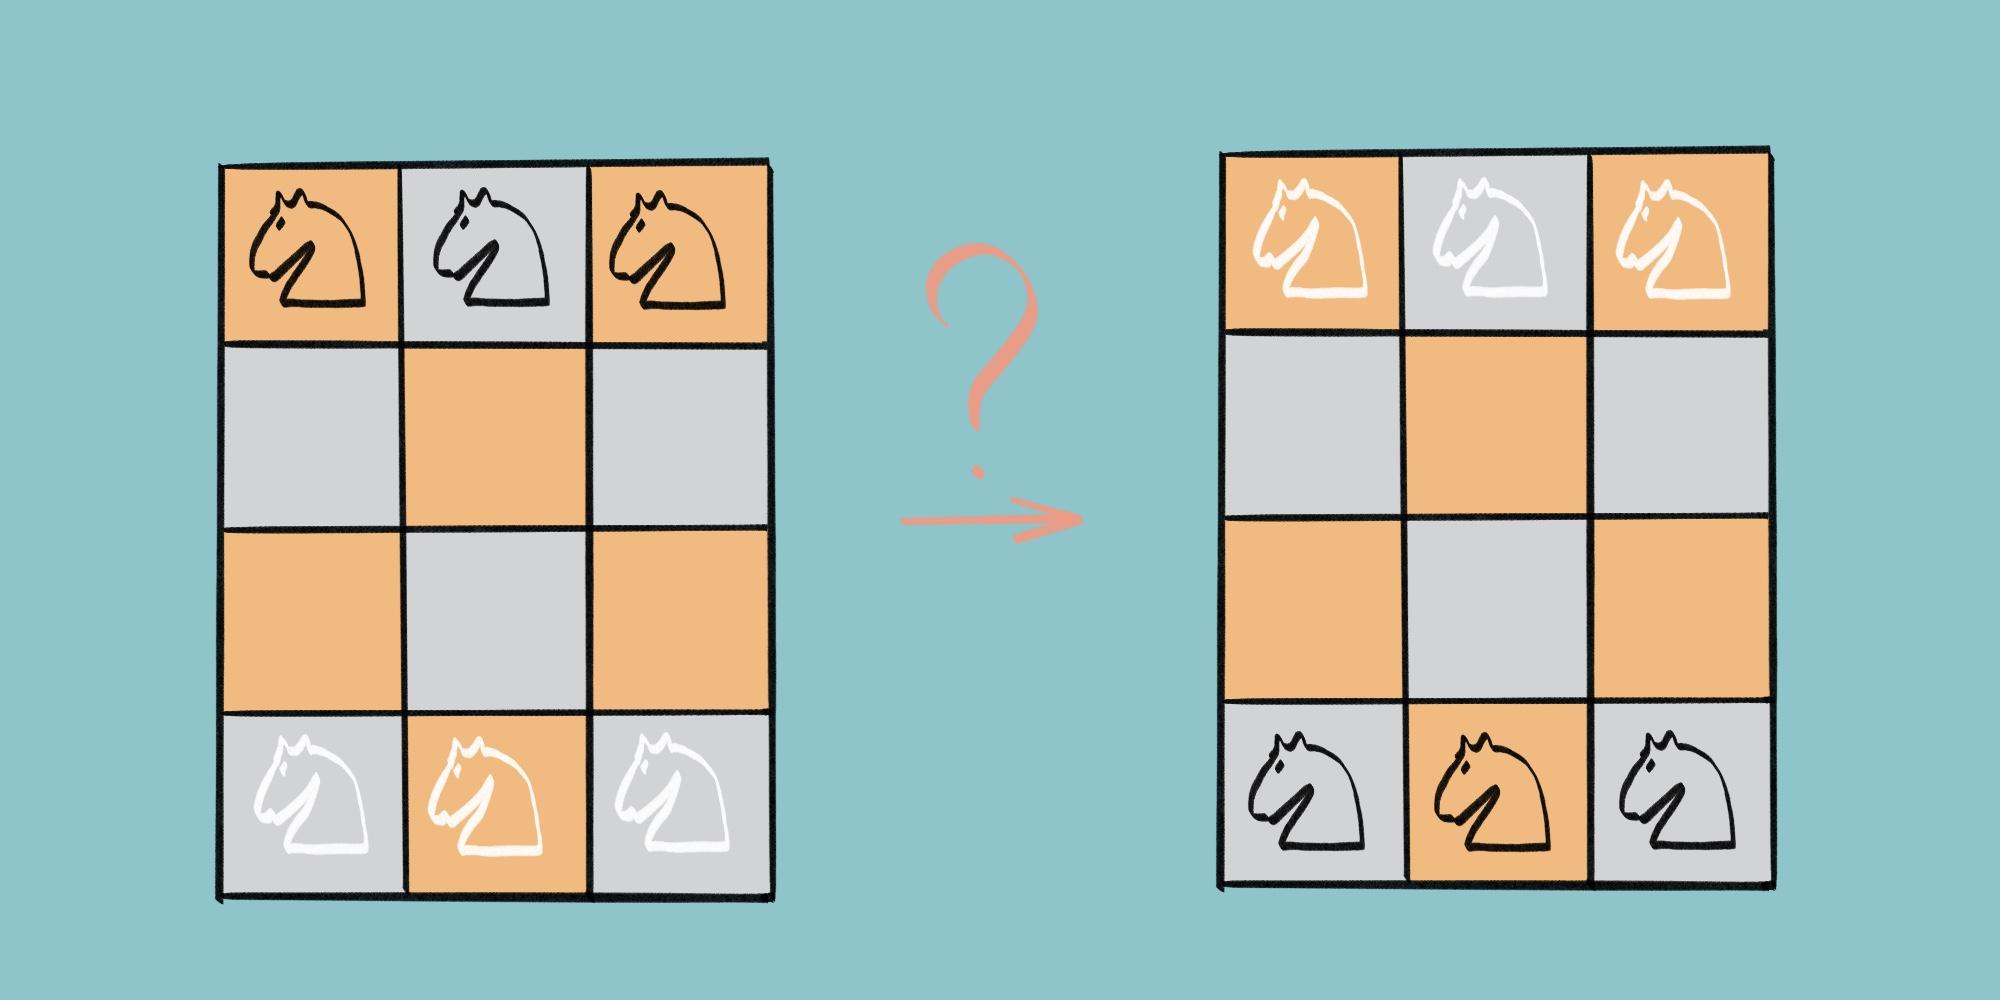 Задача о шести шахматных конях